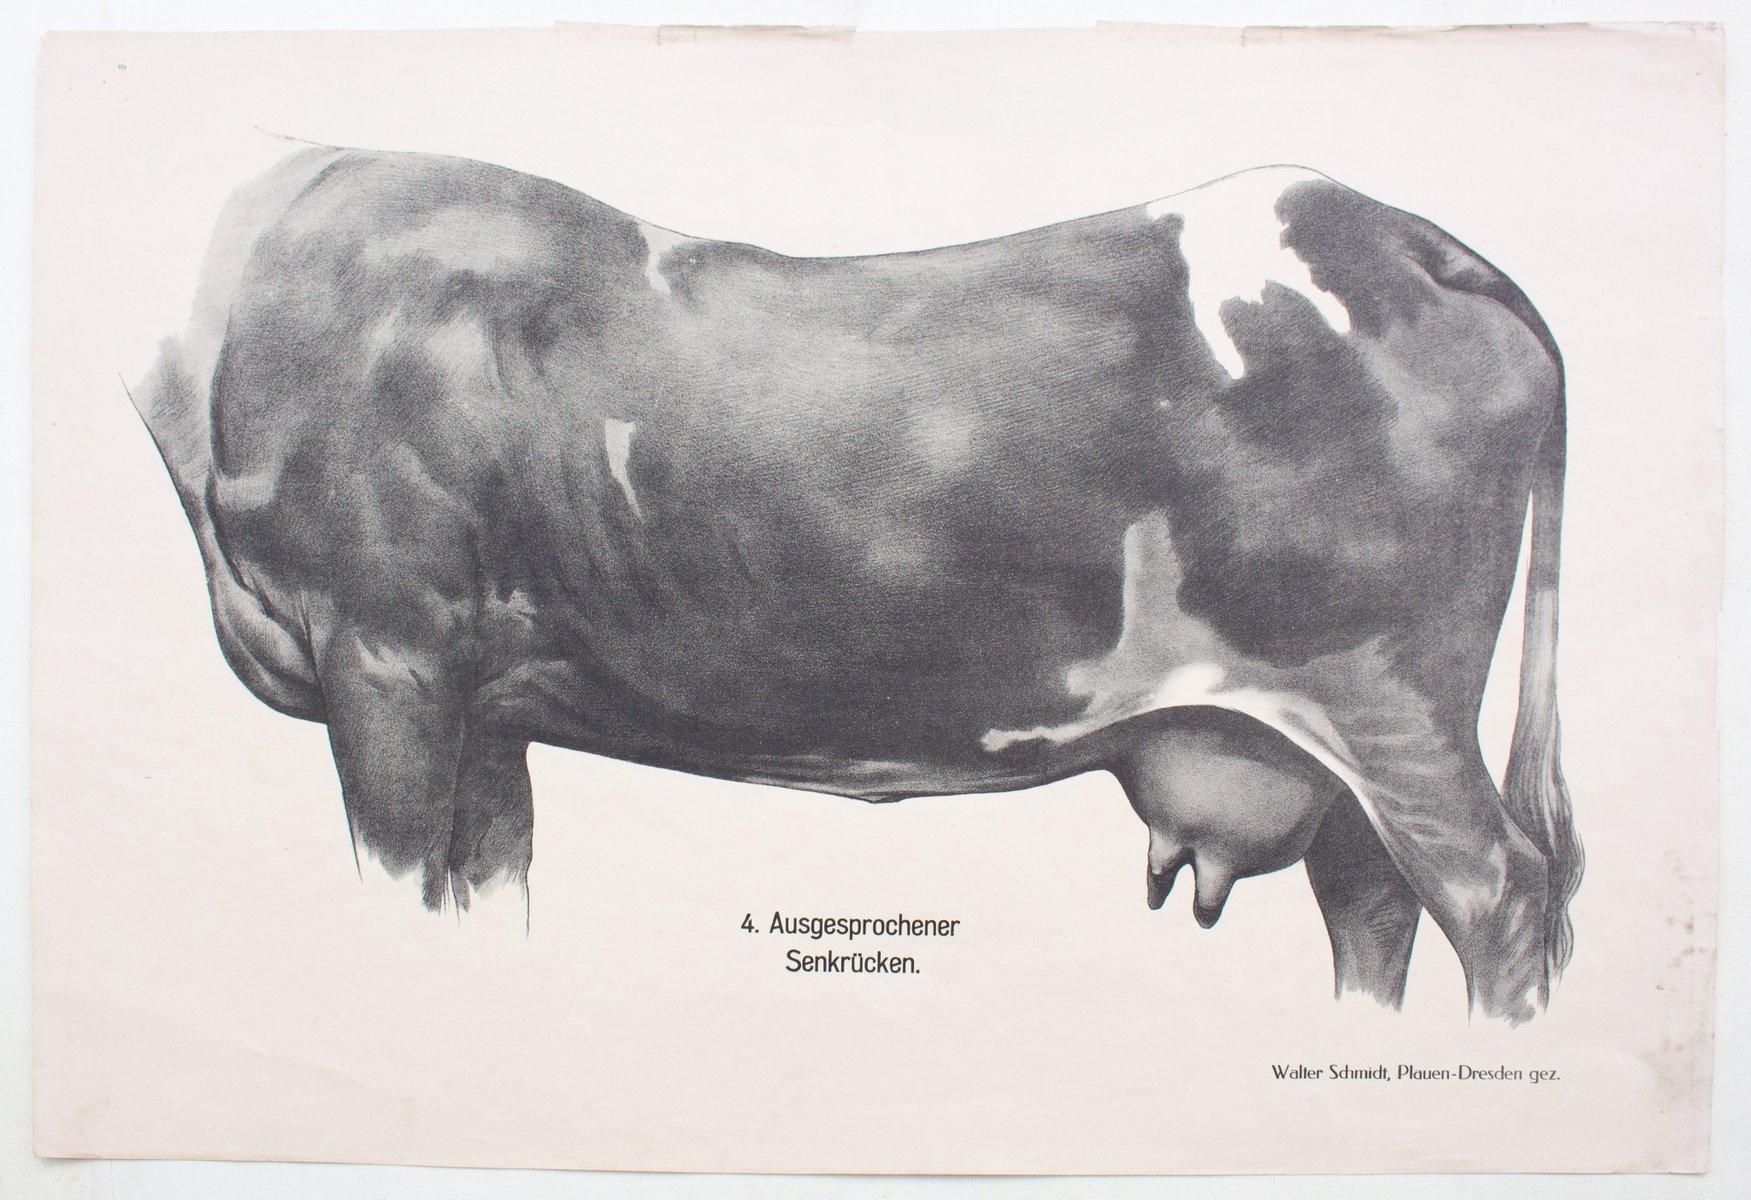 Beste Anatomie Einer Kuh Galerie - Anatomie Von Menschlichen ...